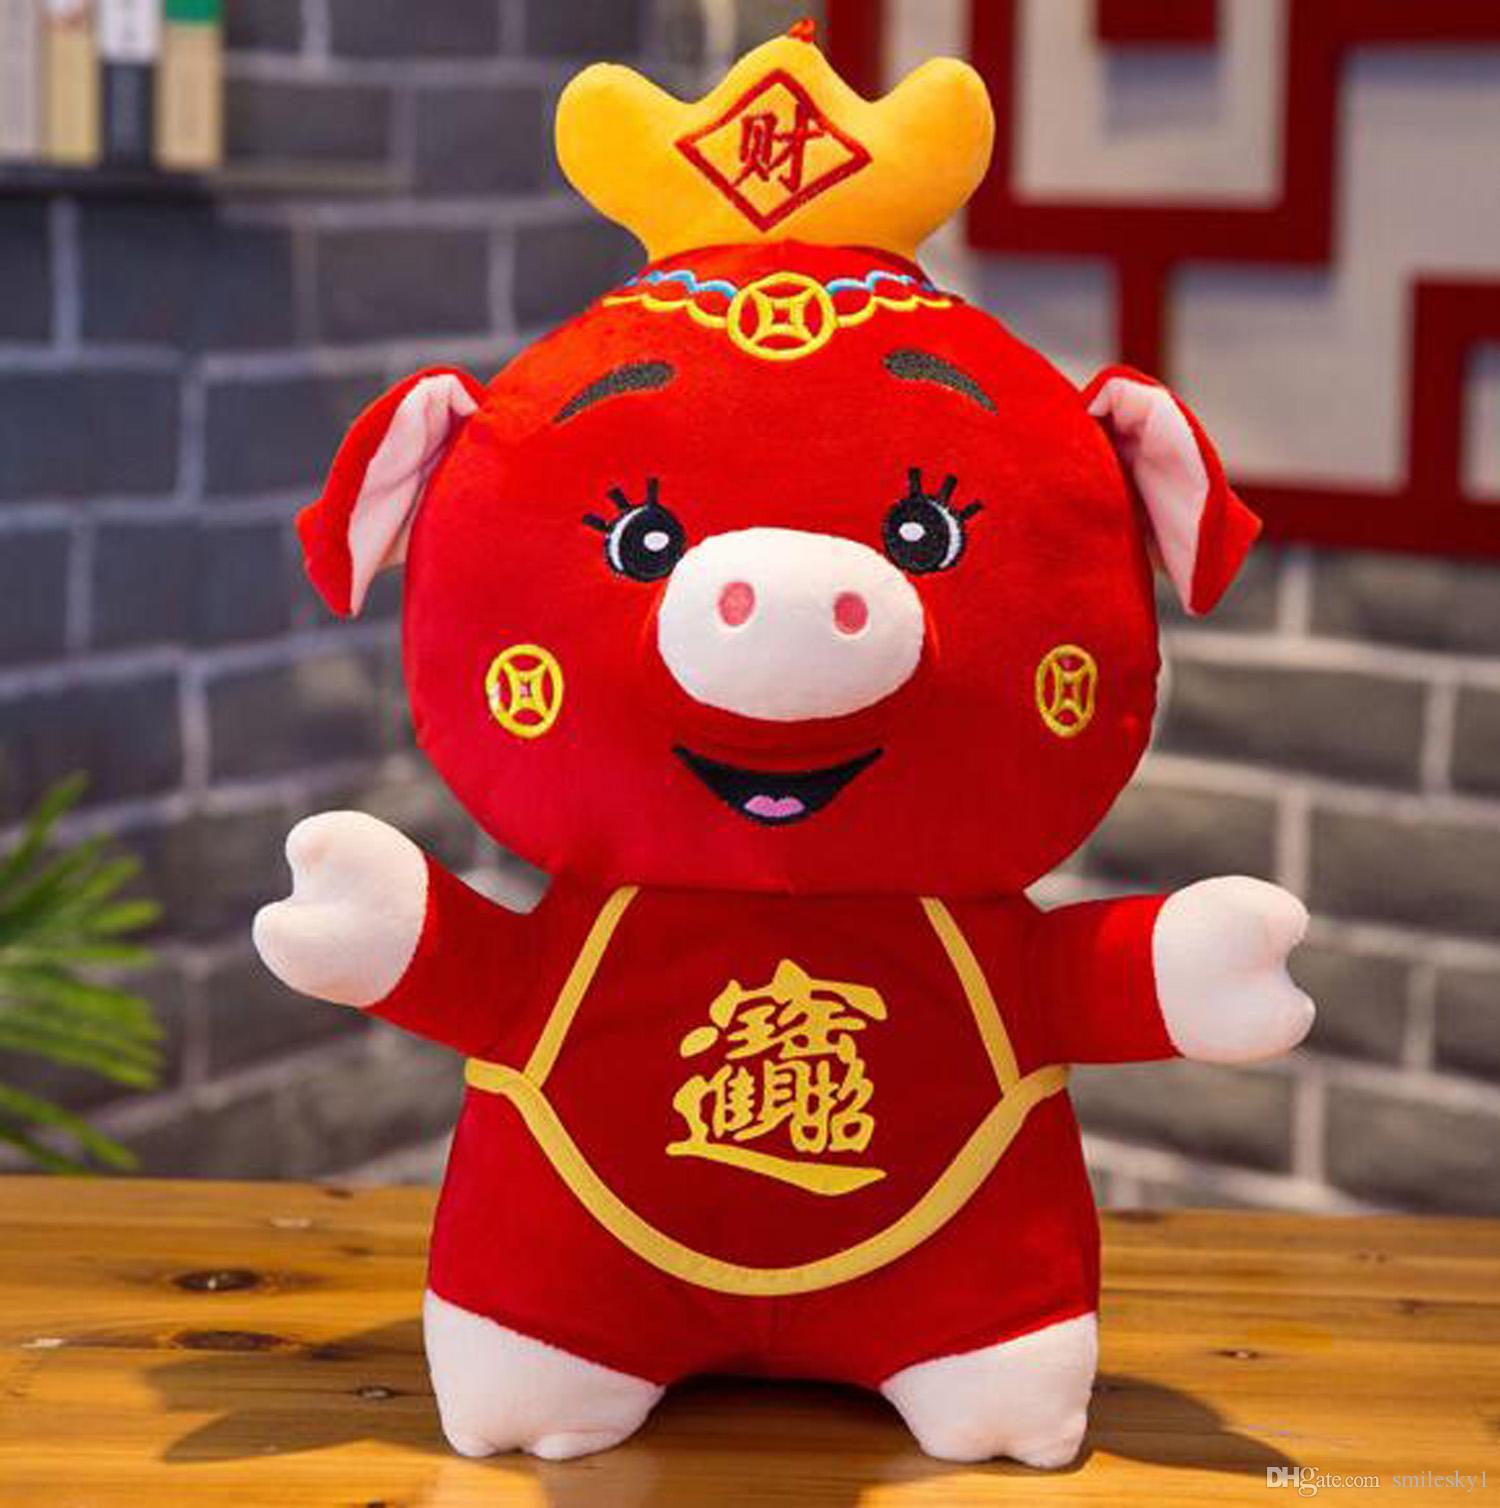 Grosshandel Plusch Schwein 2019 Chinesisches Neujahr Tierzeichen Tier